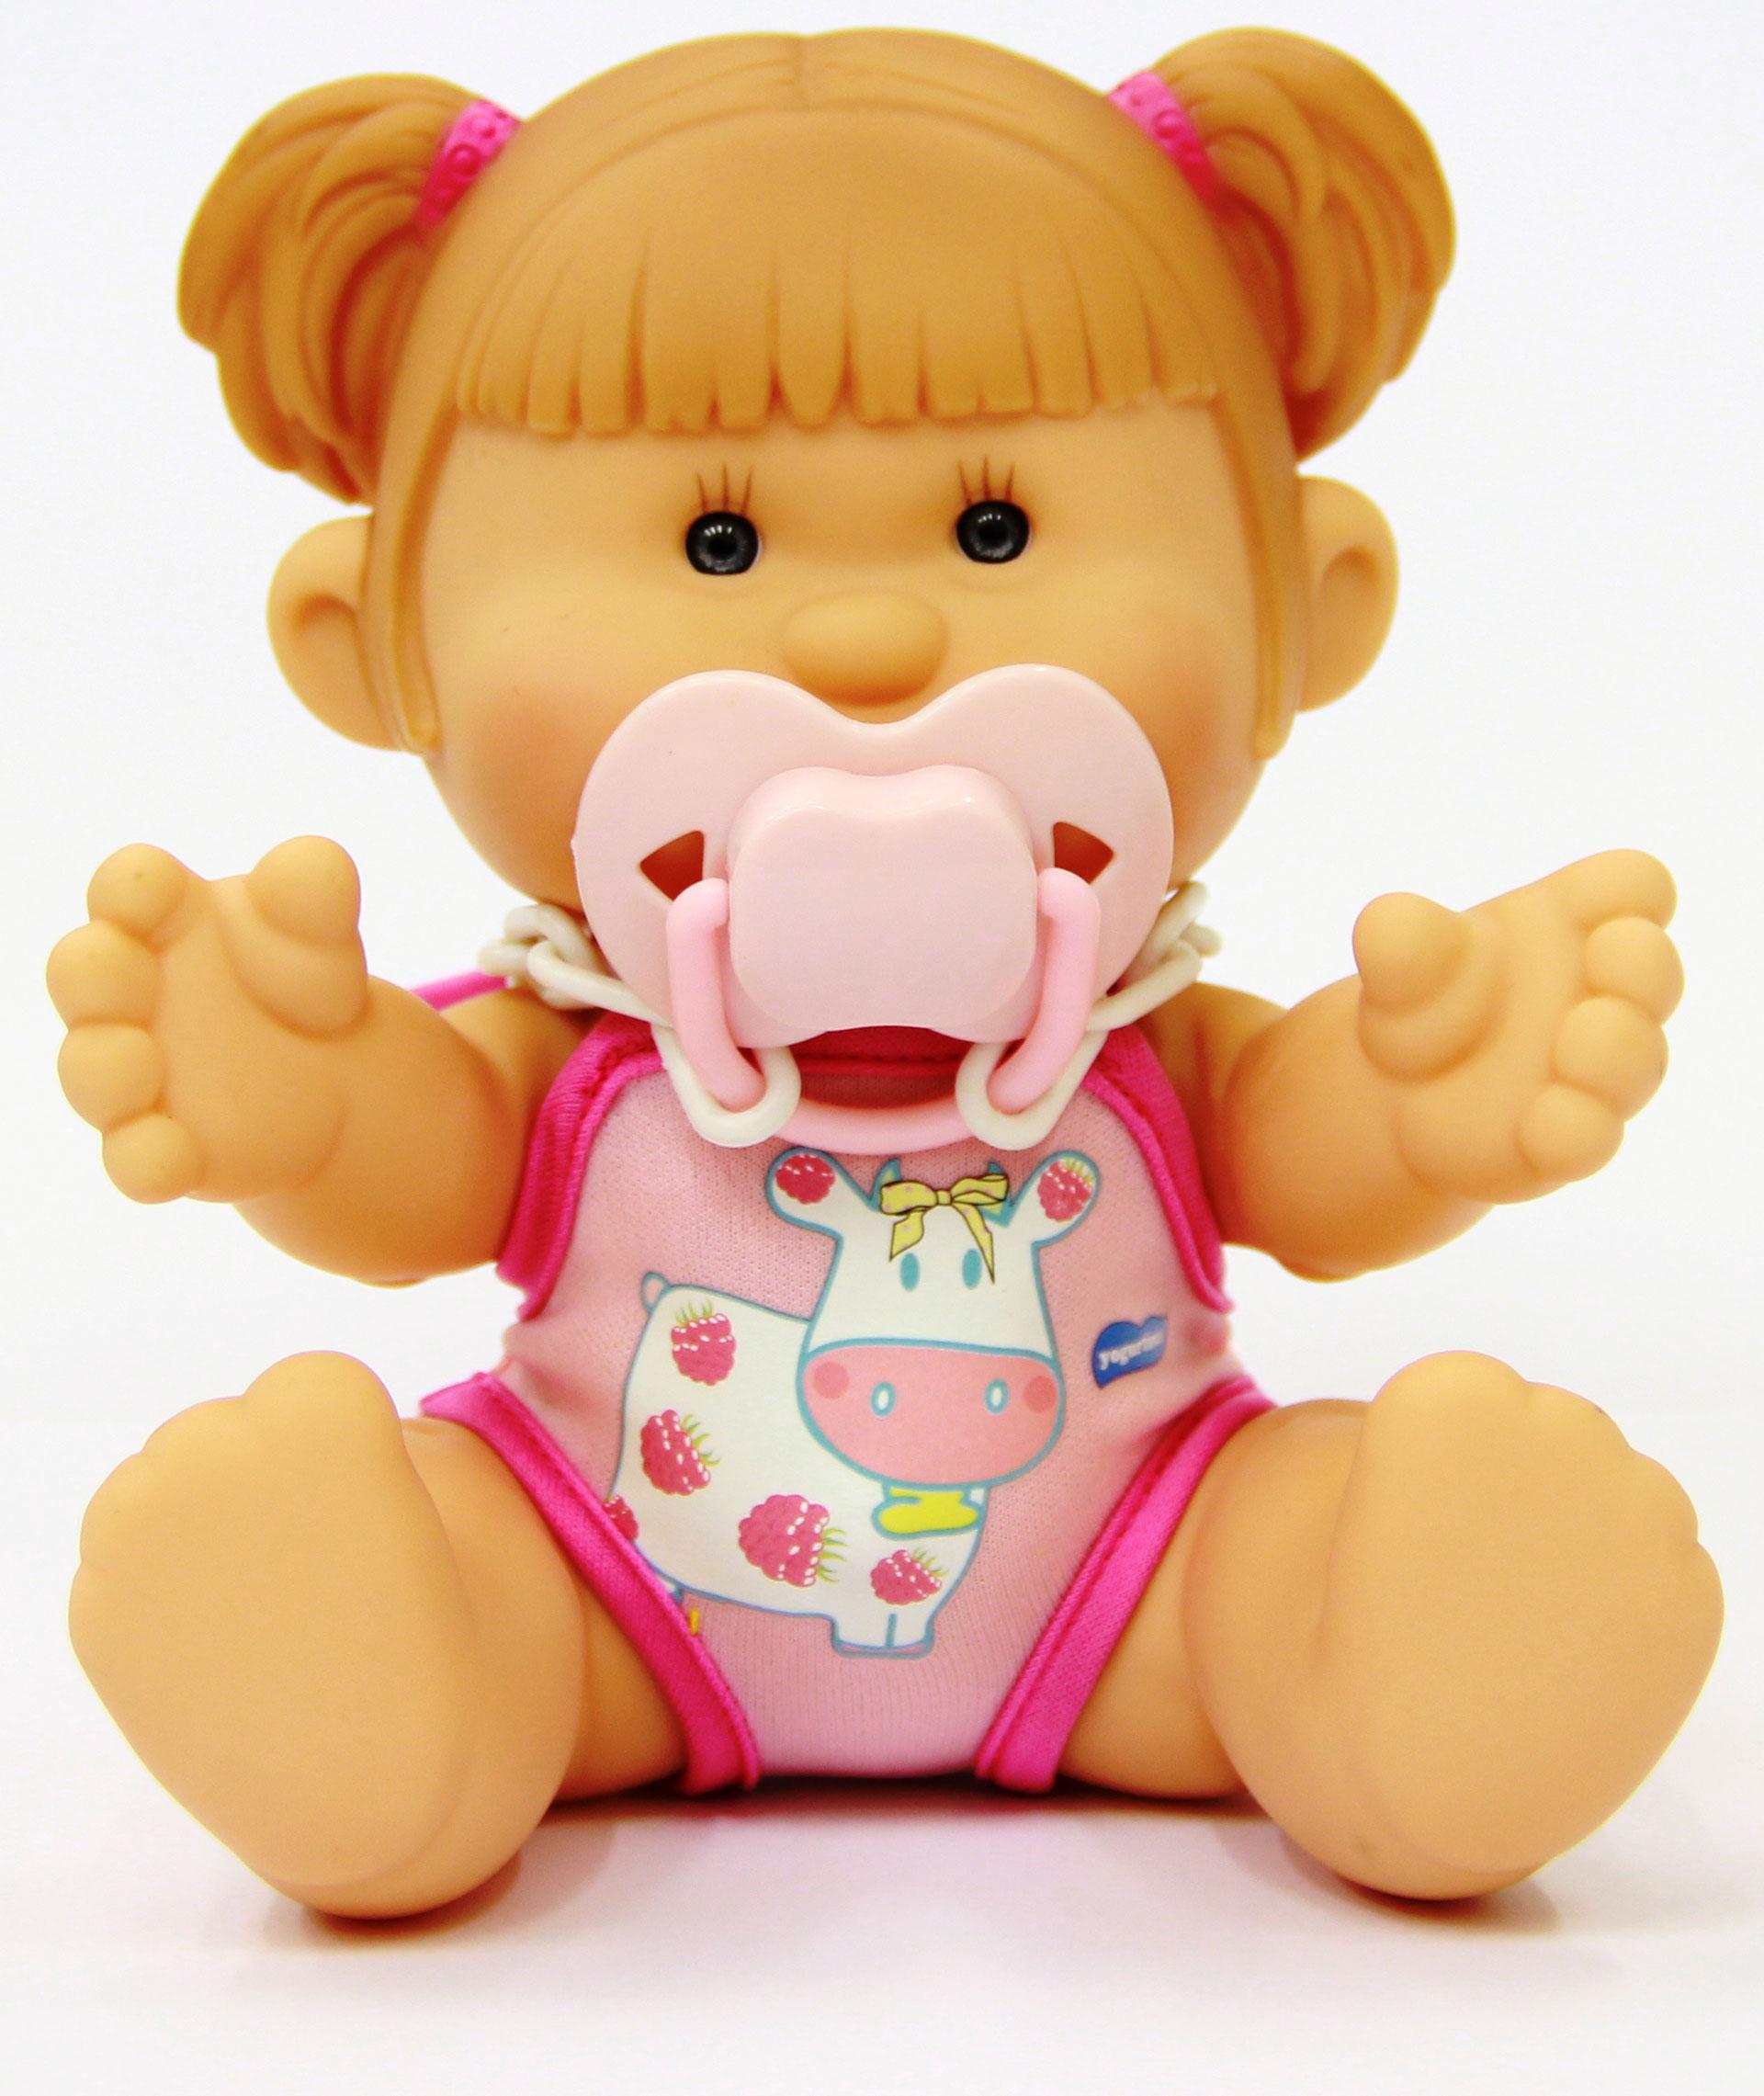 Резиновые куклы онлайн бесплатно 12 фотография